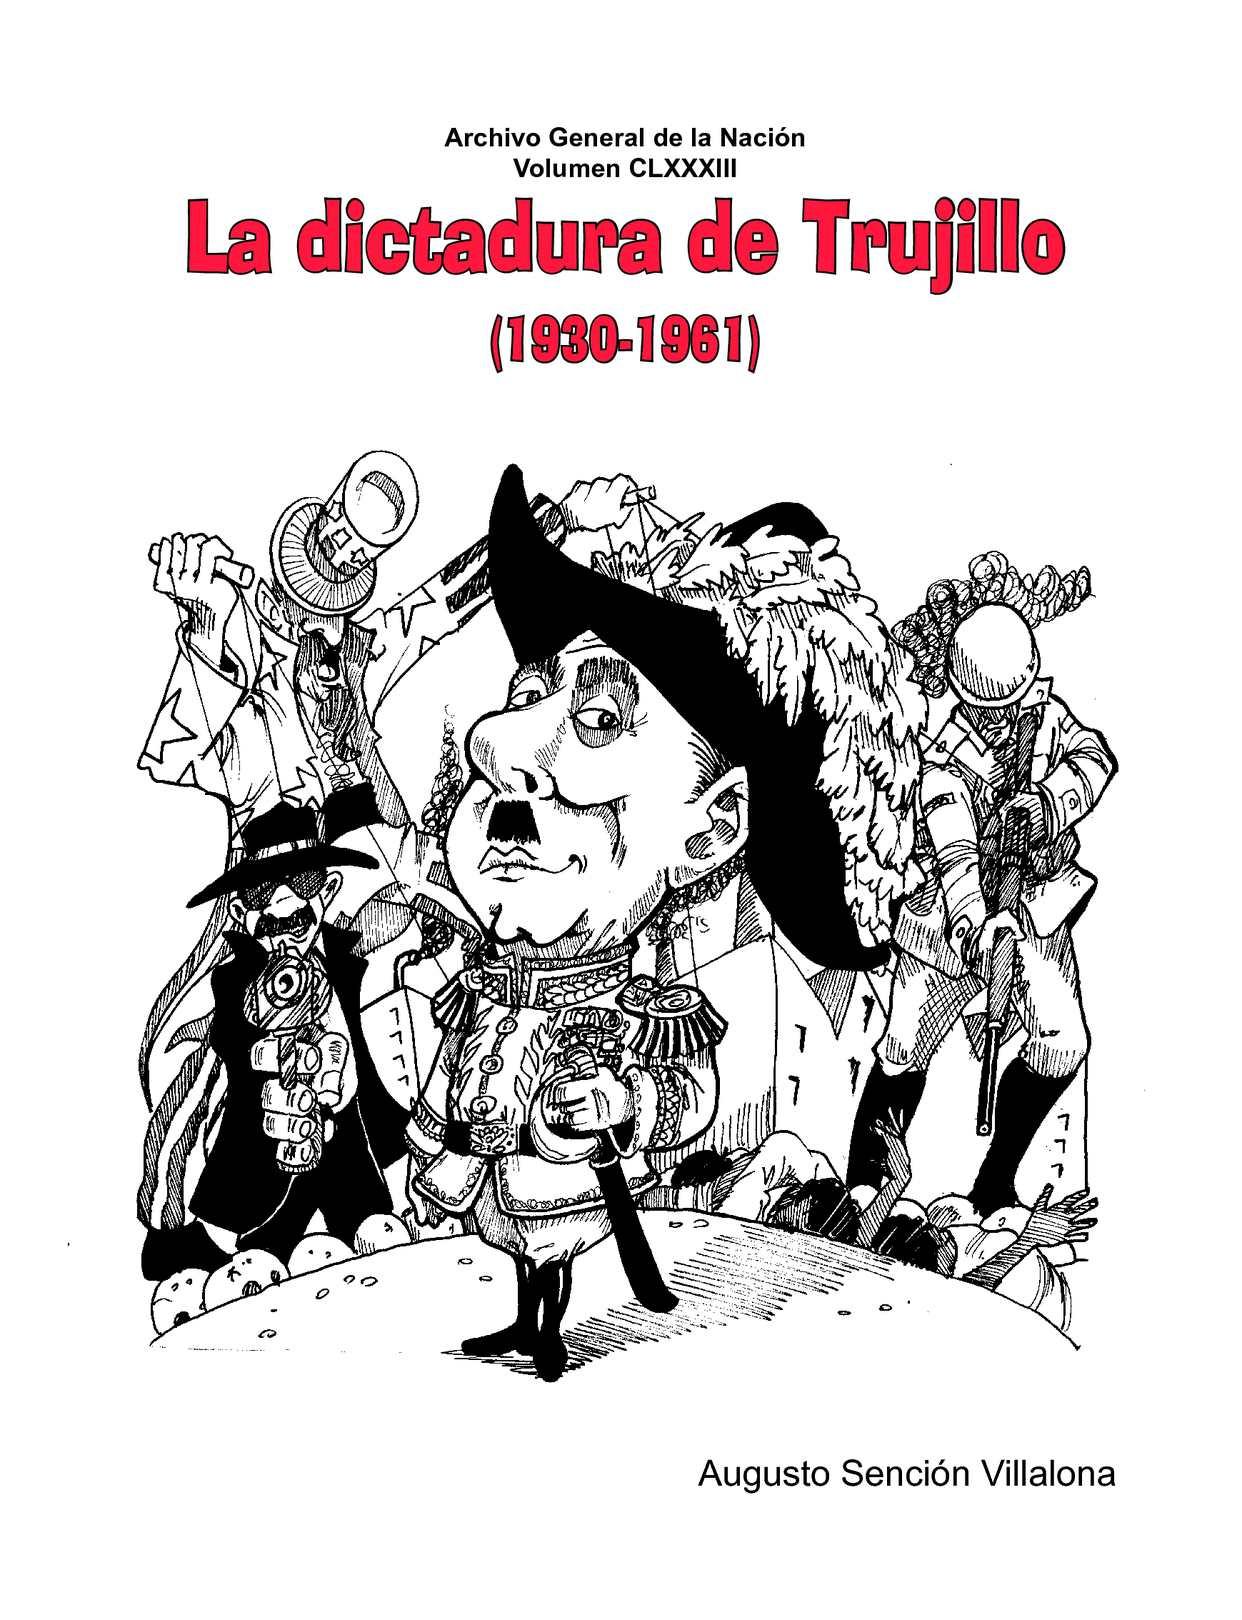 Vol 183. Historia La dictadura de Trujillo.